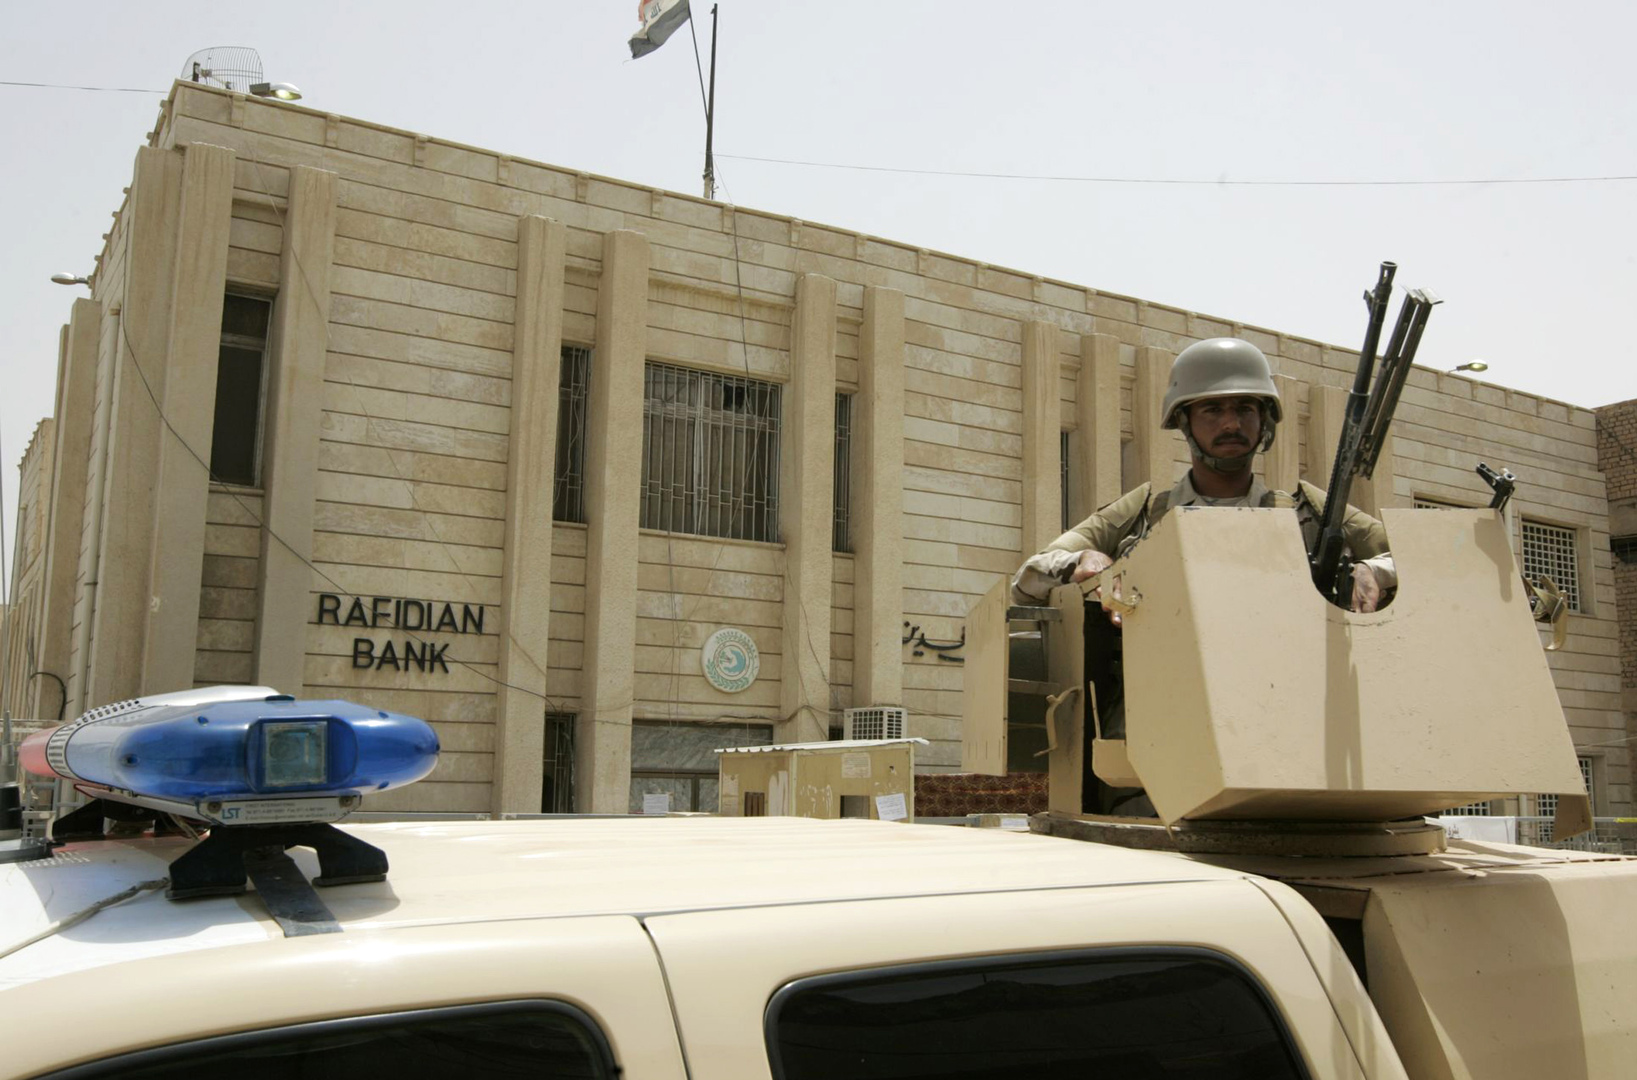 الأمم المتحدة: 50 سجينا ينتظرون الإعدام في العراق